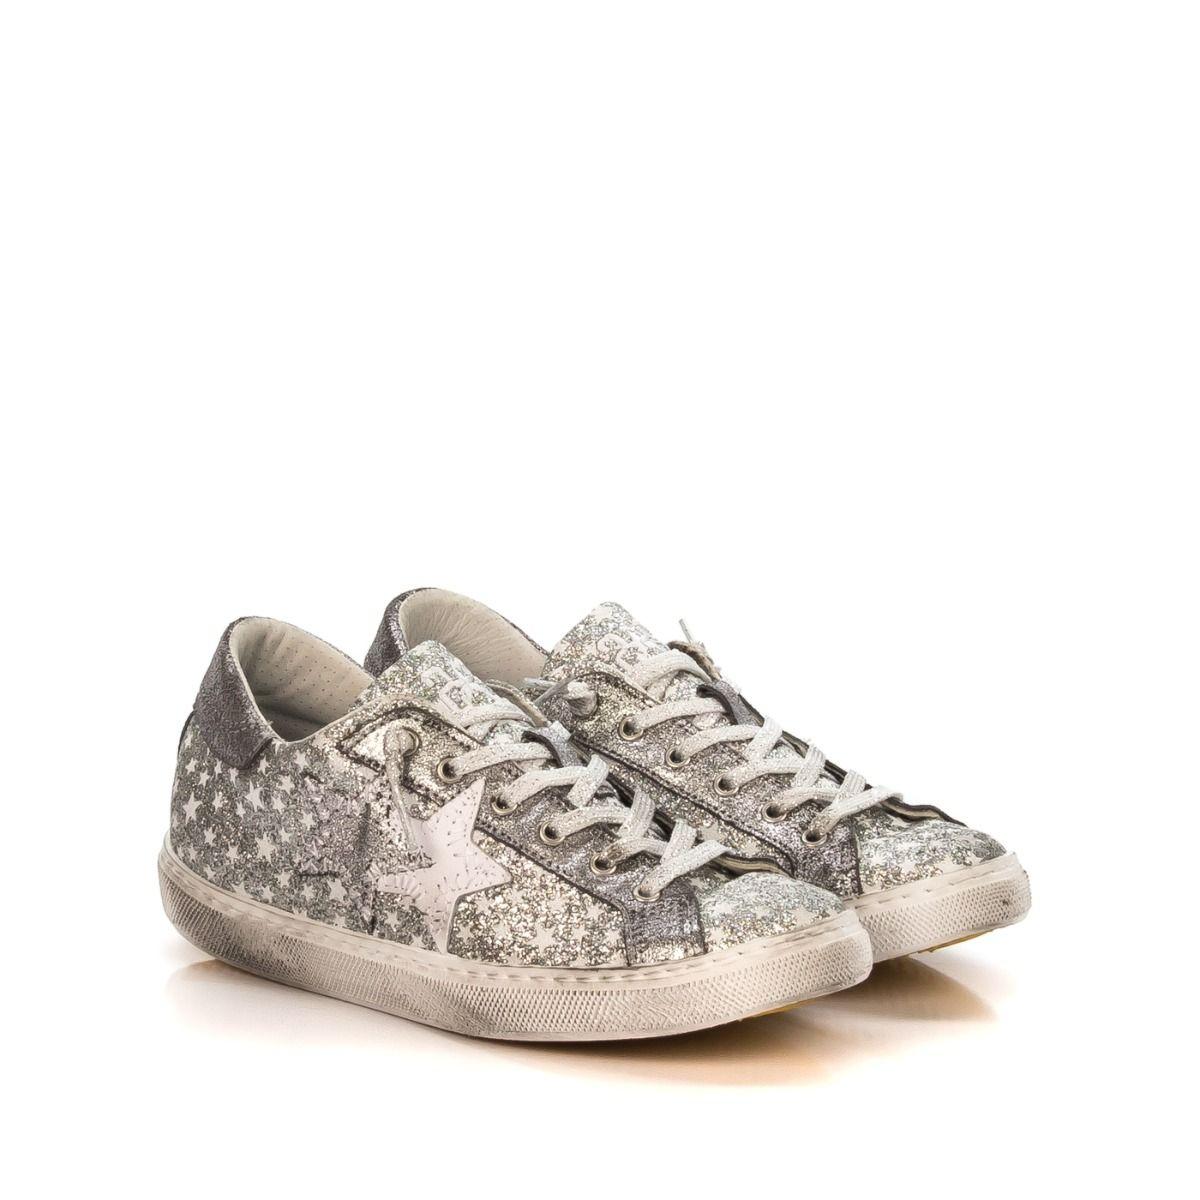 stelle 1147 glitter argento sneakers Gratuita spedizione 2star Donna ONwv8nm0